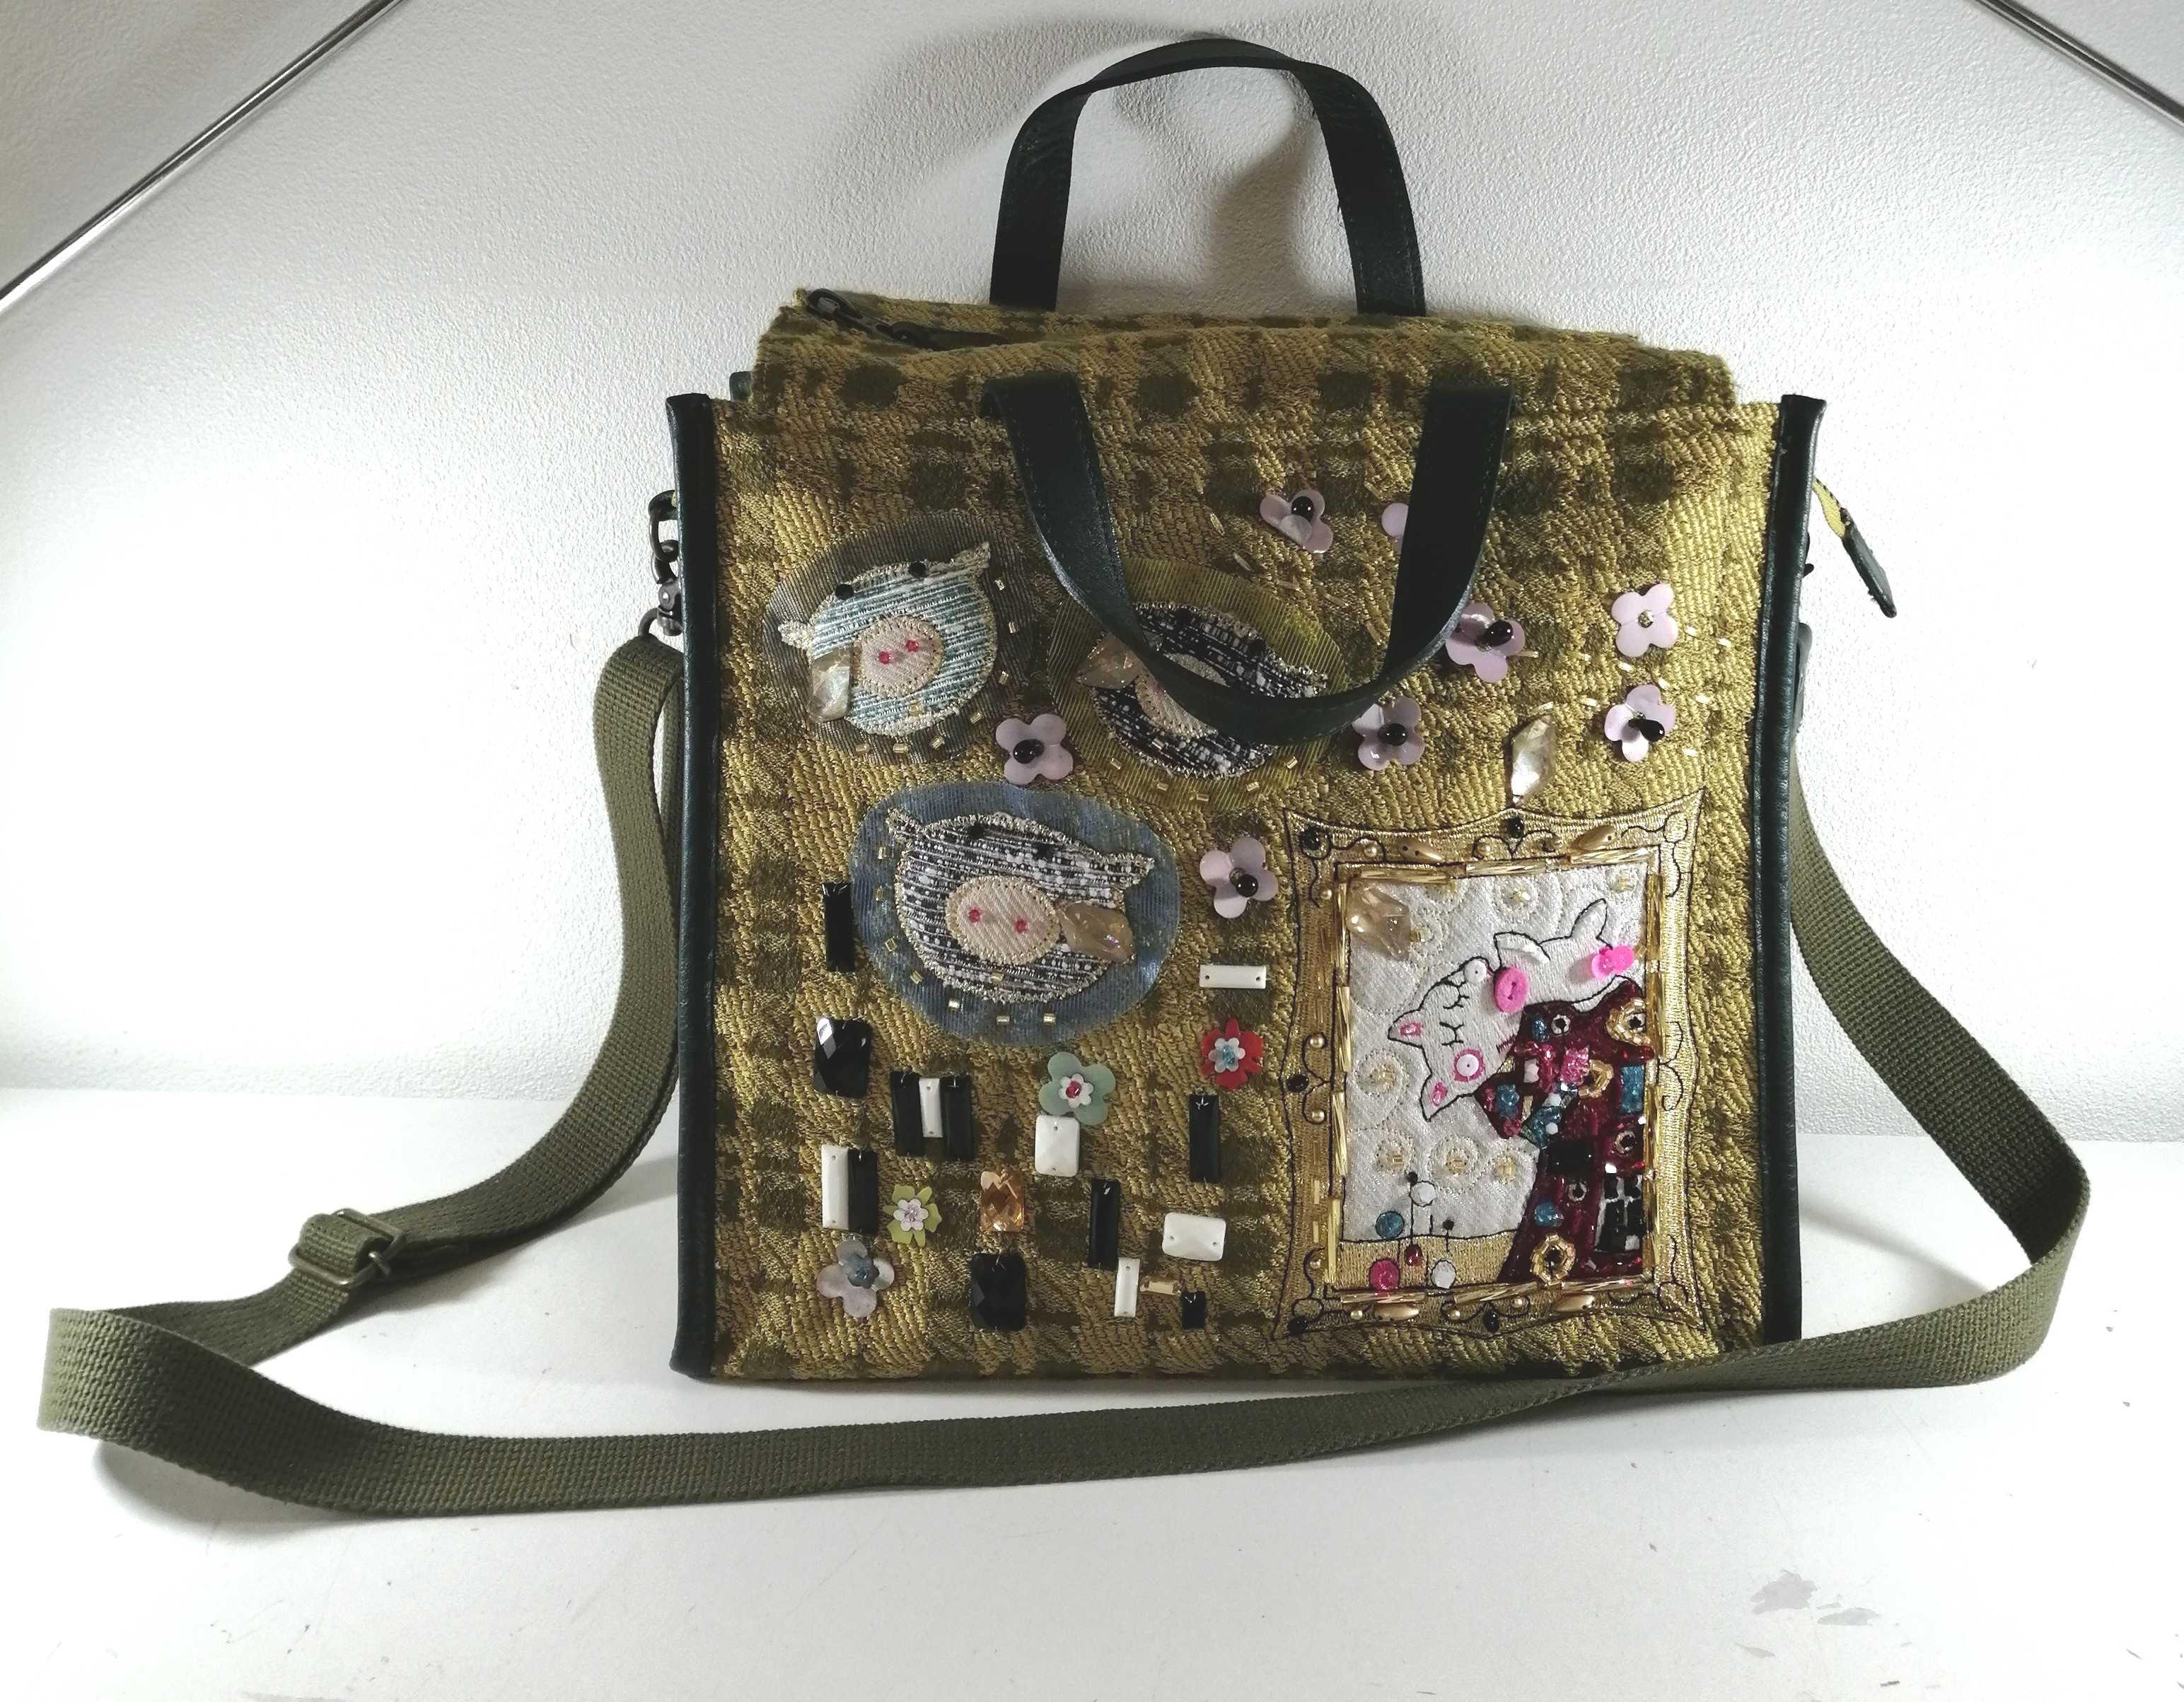 装飾付きハンドバッグ アルベロベロ OLLEBOREBLA